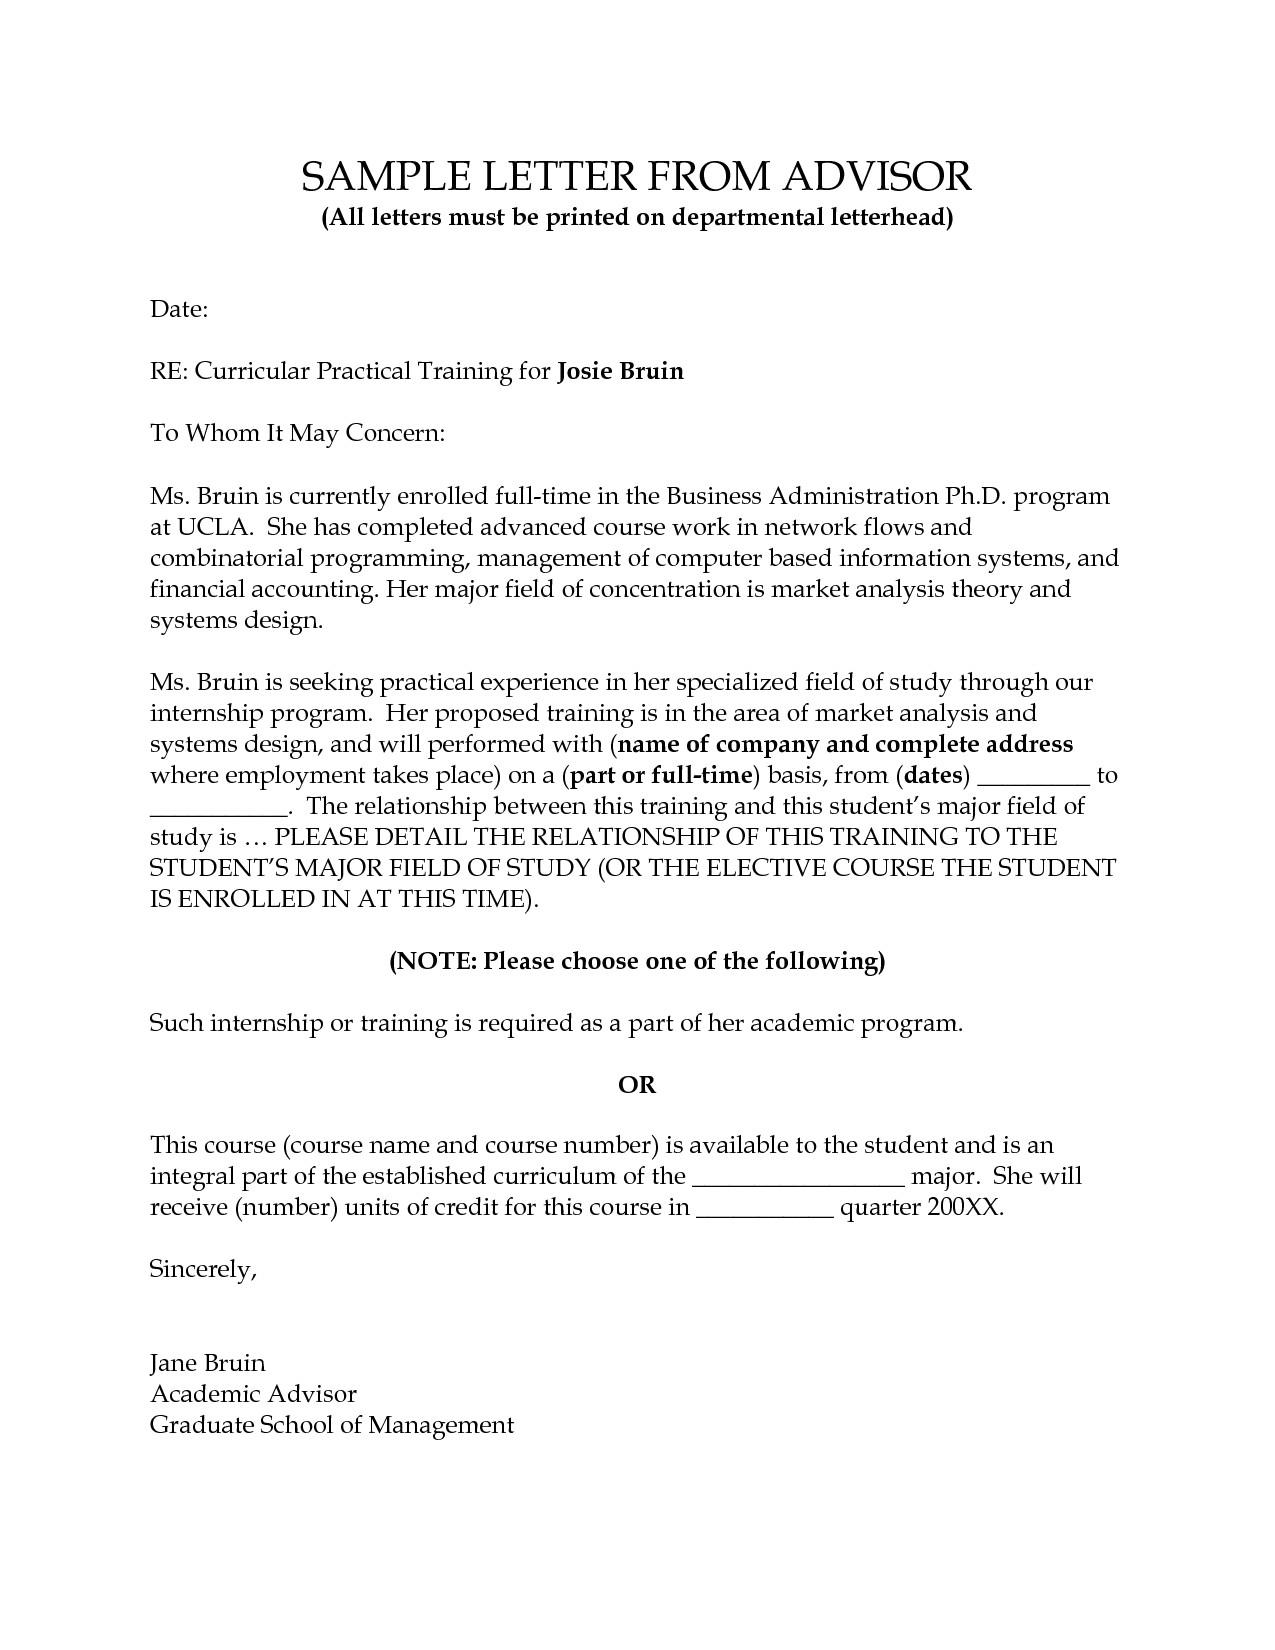 Academic Advisor Cover Letter Templates Academic Cover Letter Sample Template